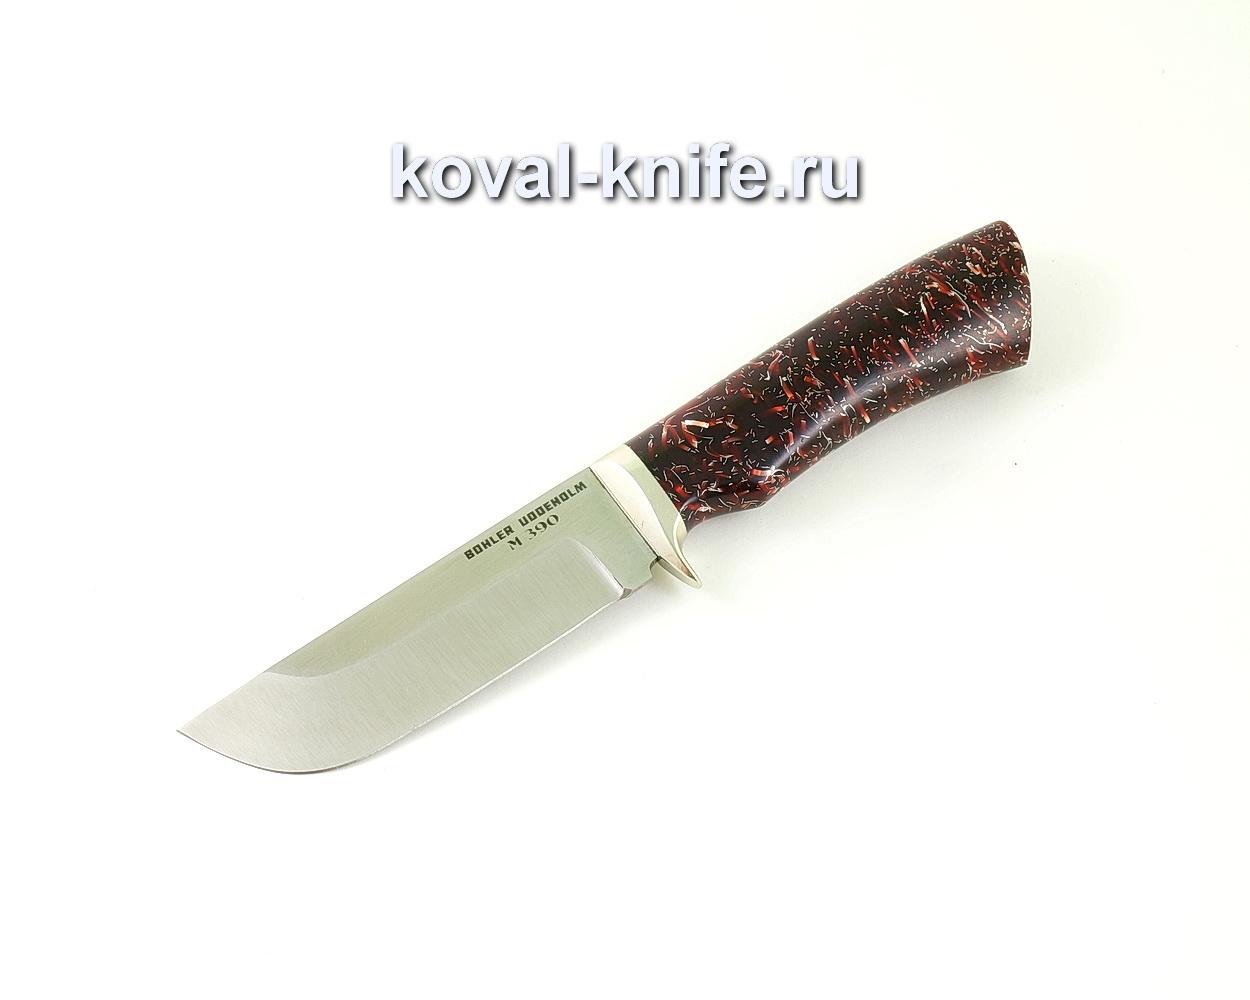 Нож из порошковой стали М390 Пегас (рукоять композит, гарда мельхиор) A507